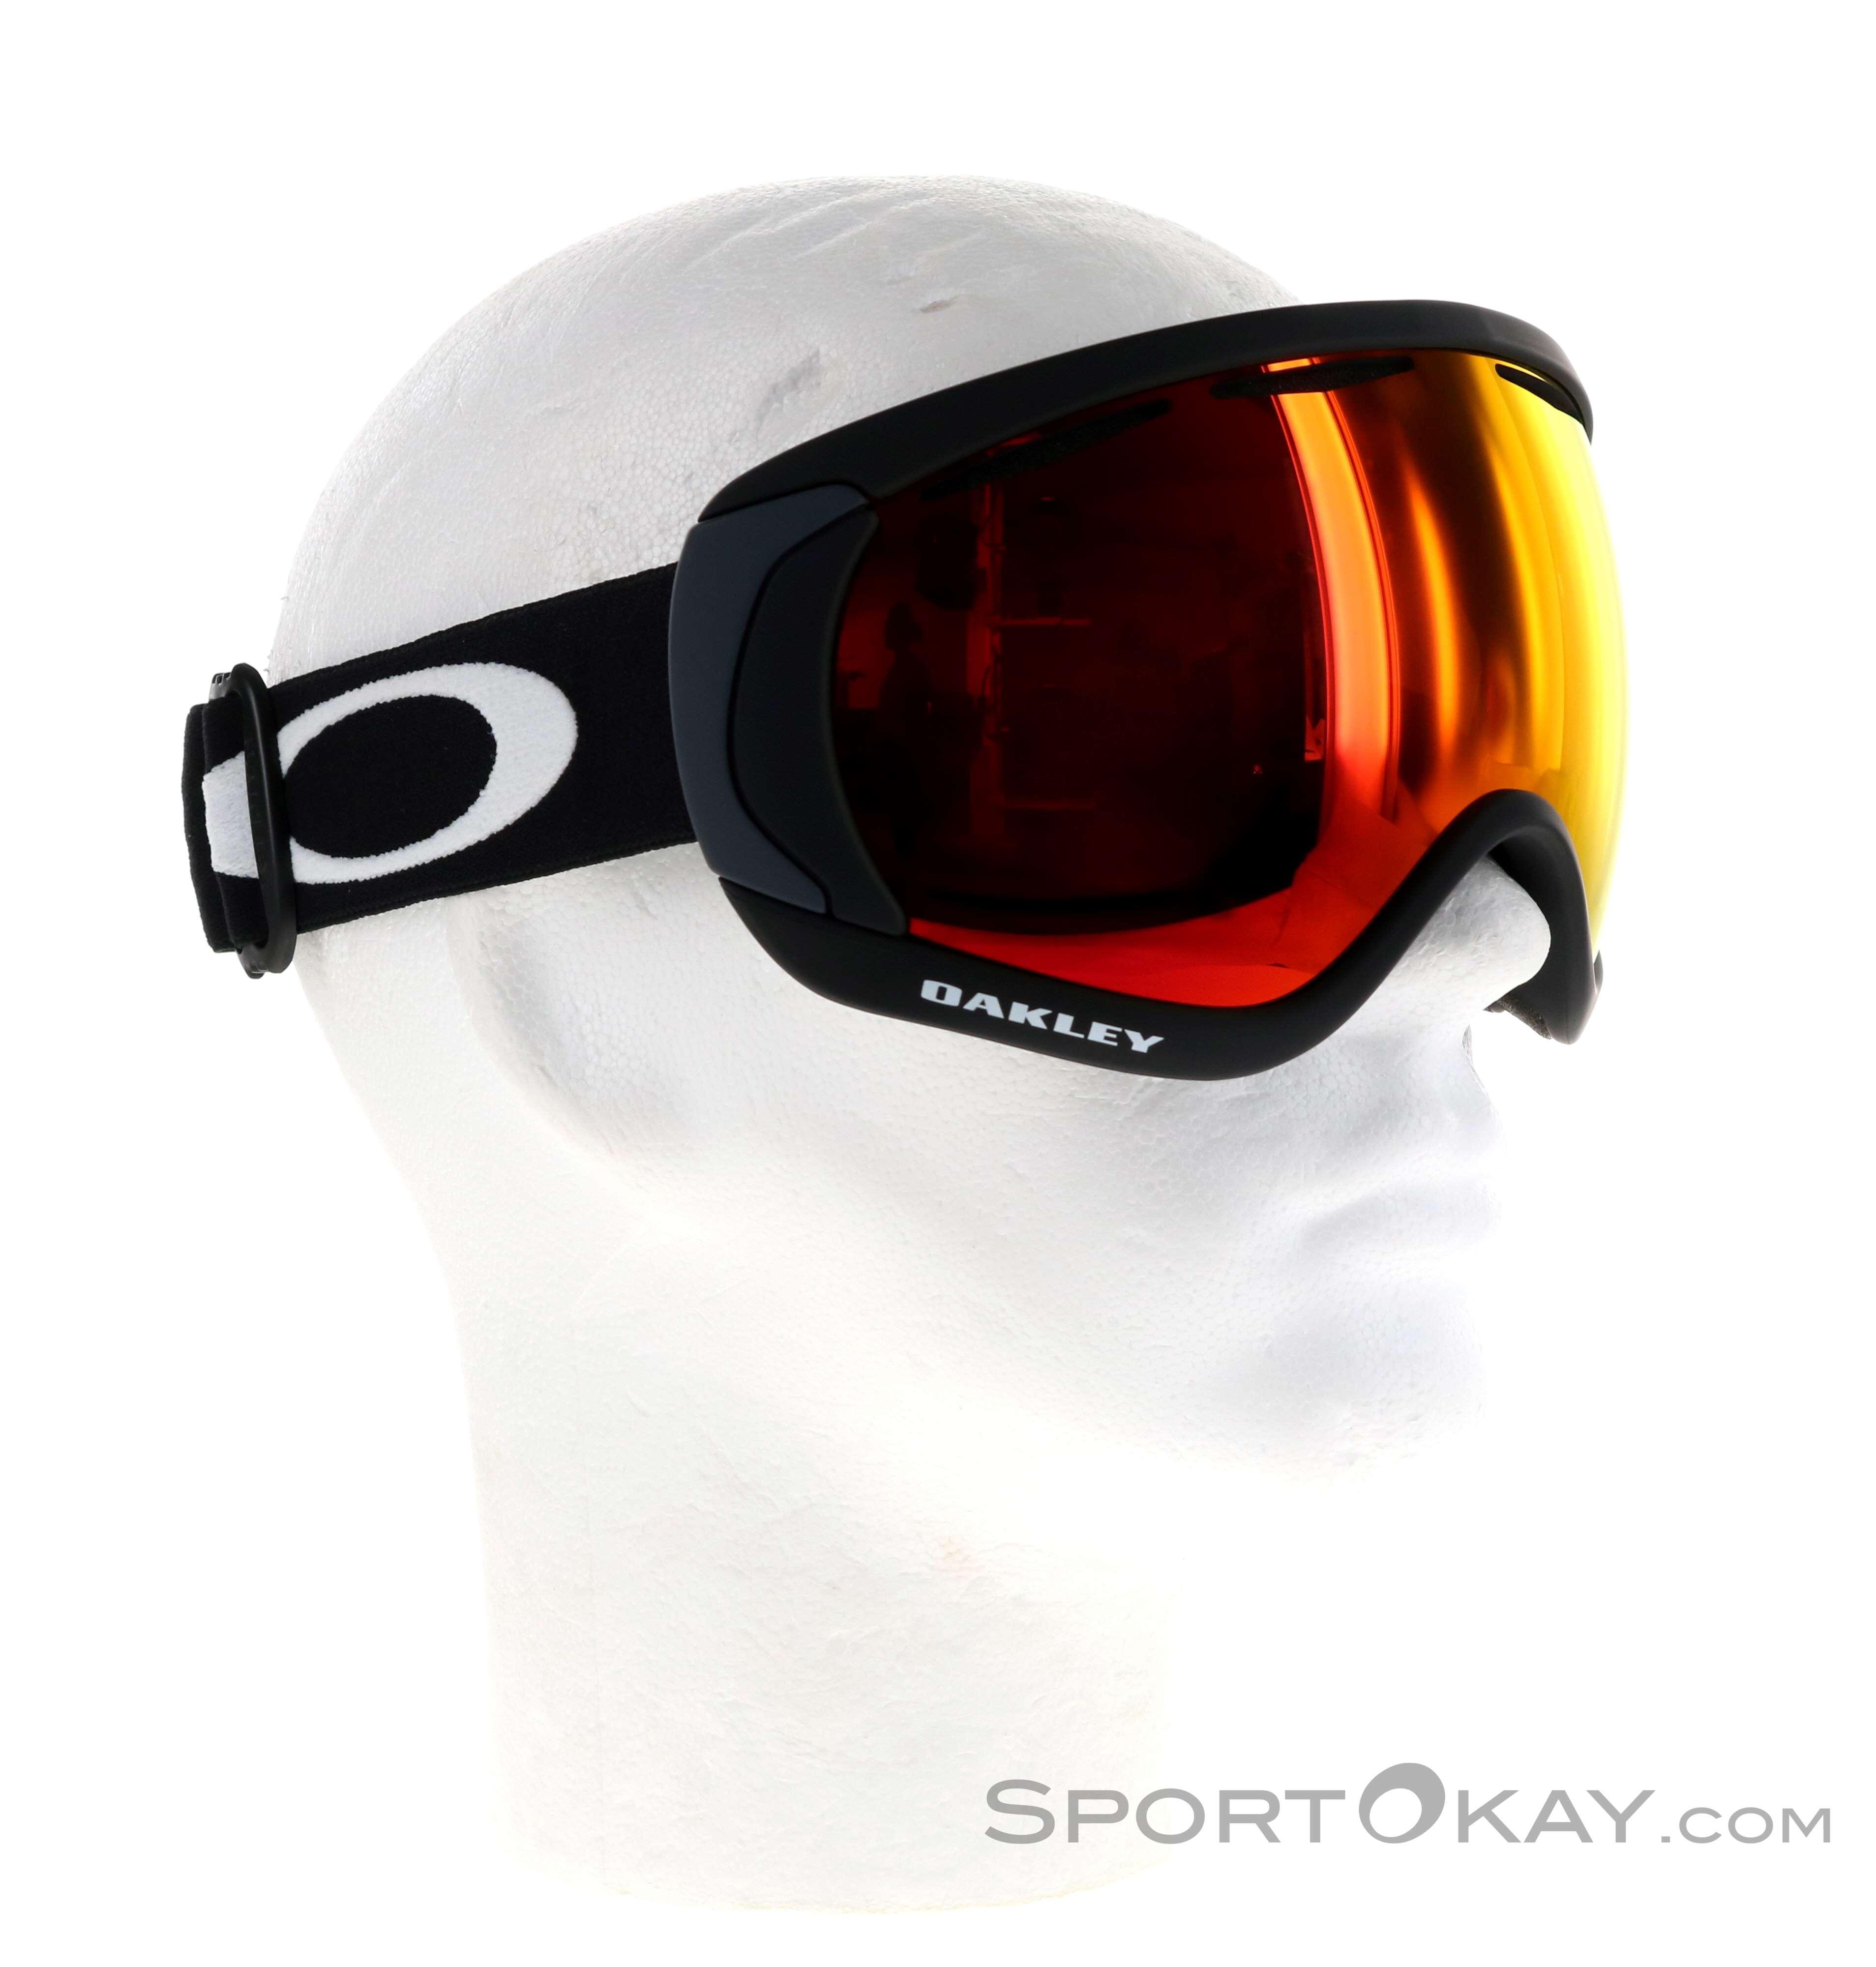 Significativo naturale sei  Oakley Canopy Prizm Maschera da Sci - Maschere da sci - Maschere da sci e  accessori - Sci&Freeride - Tutti